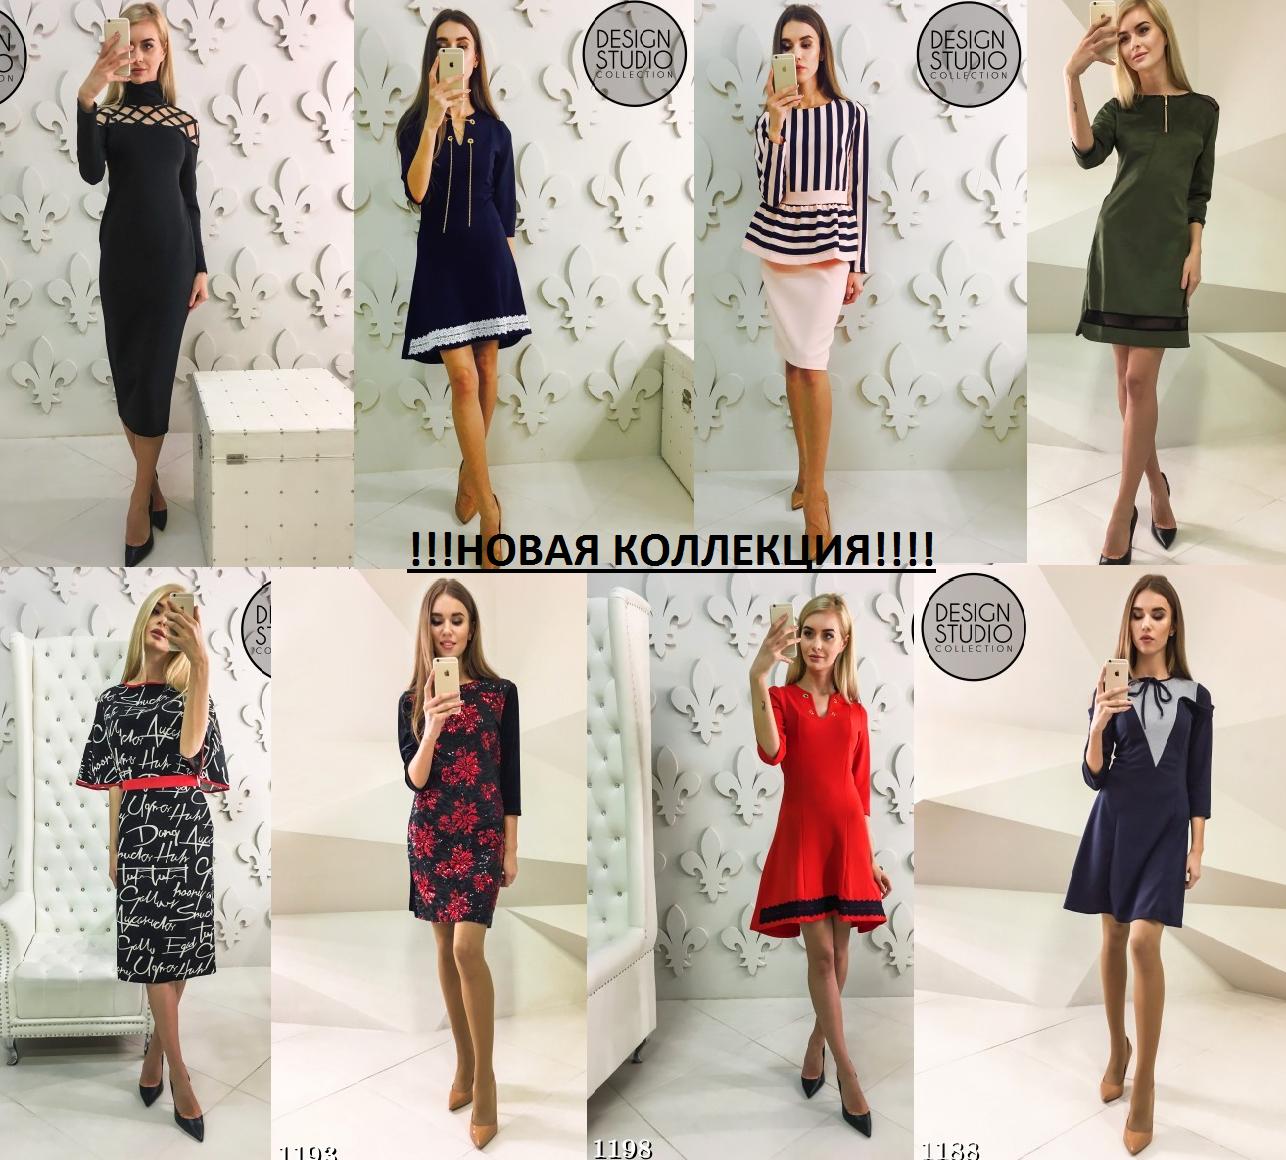 ВСТРЕЧАЙТЕ НОВУЮ КОЛЛЕКЦИЮ!!!!!Коллекция женской одежды от фирмы D*S*C.Красиво,стильно,модно и совсем недорого.В3